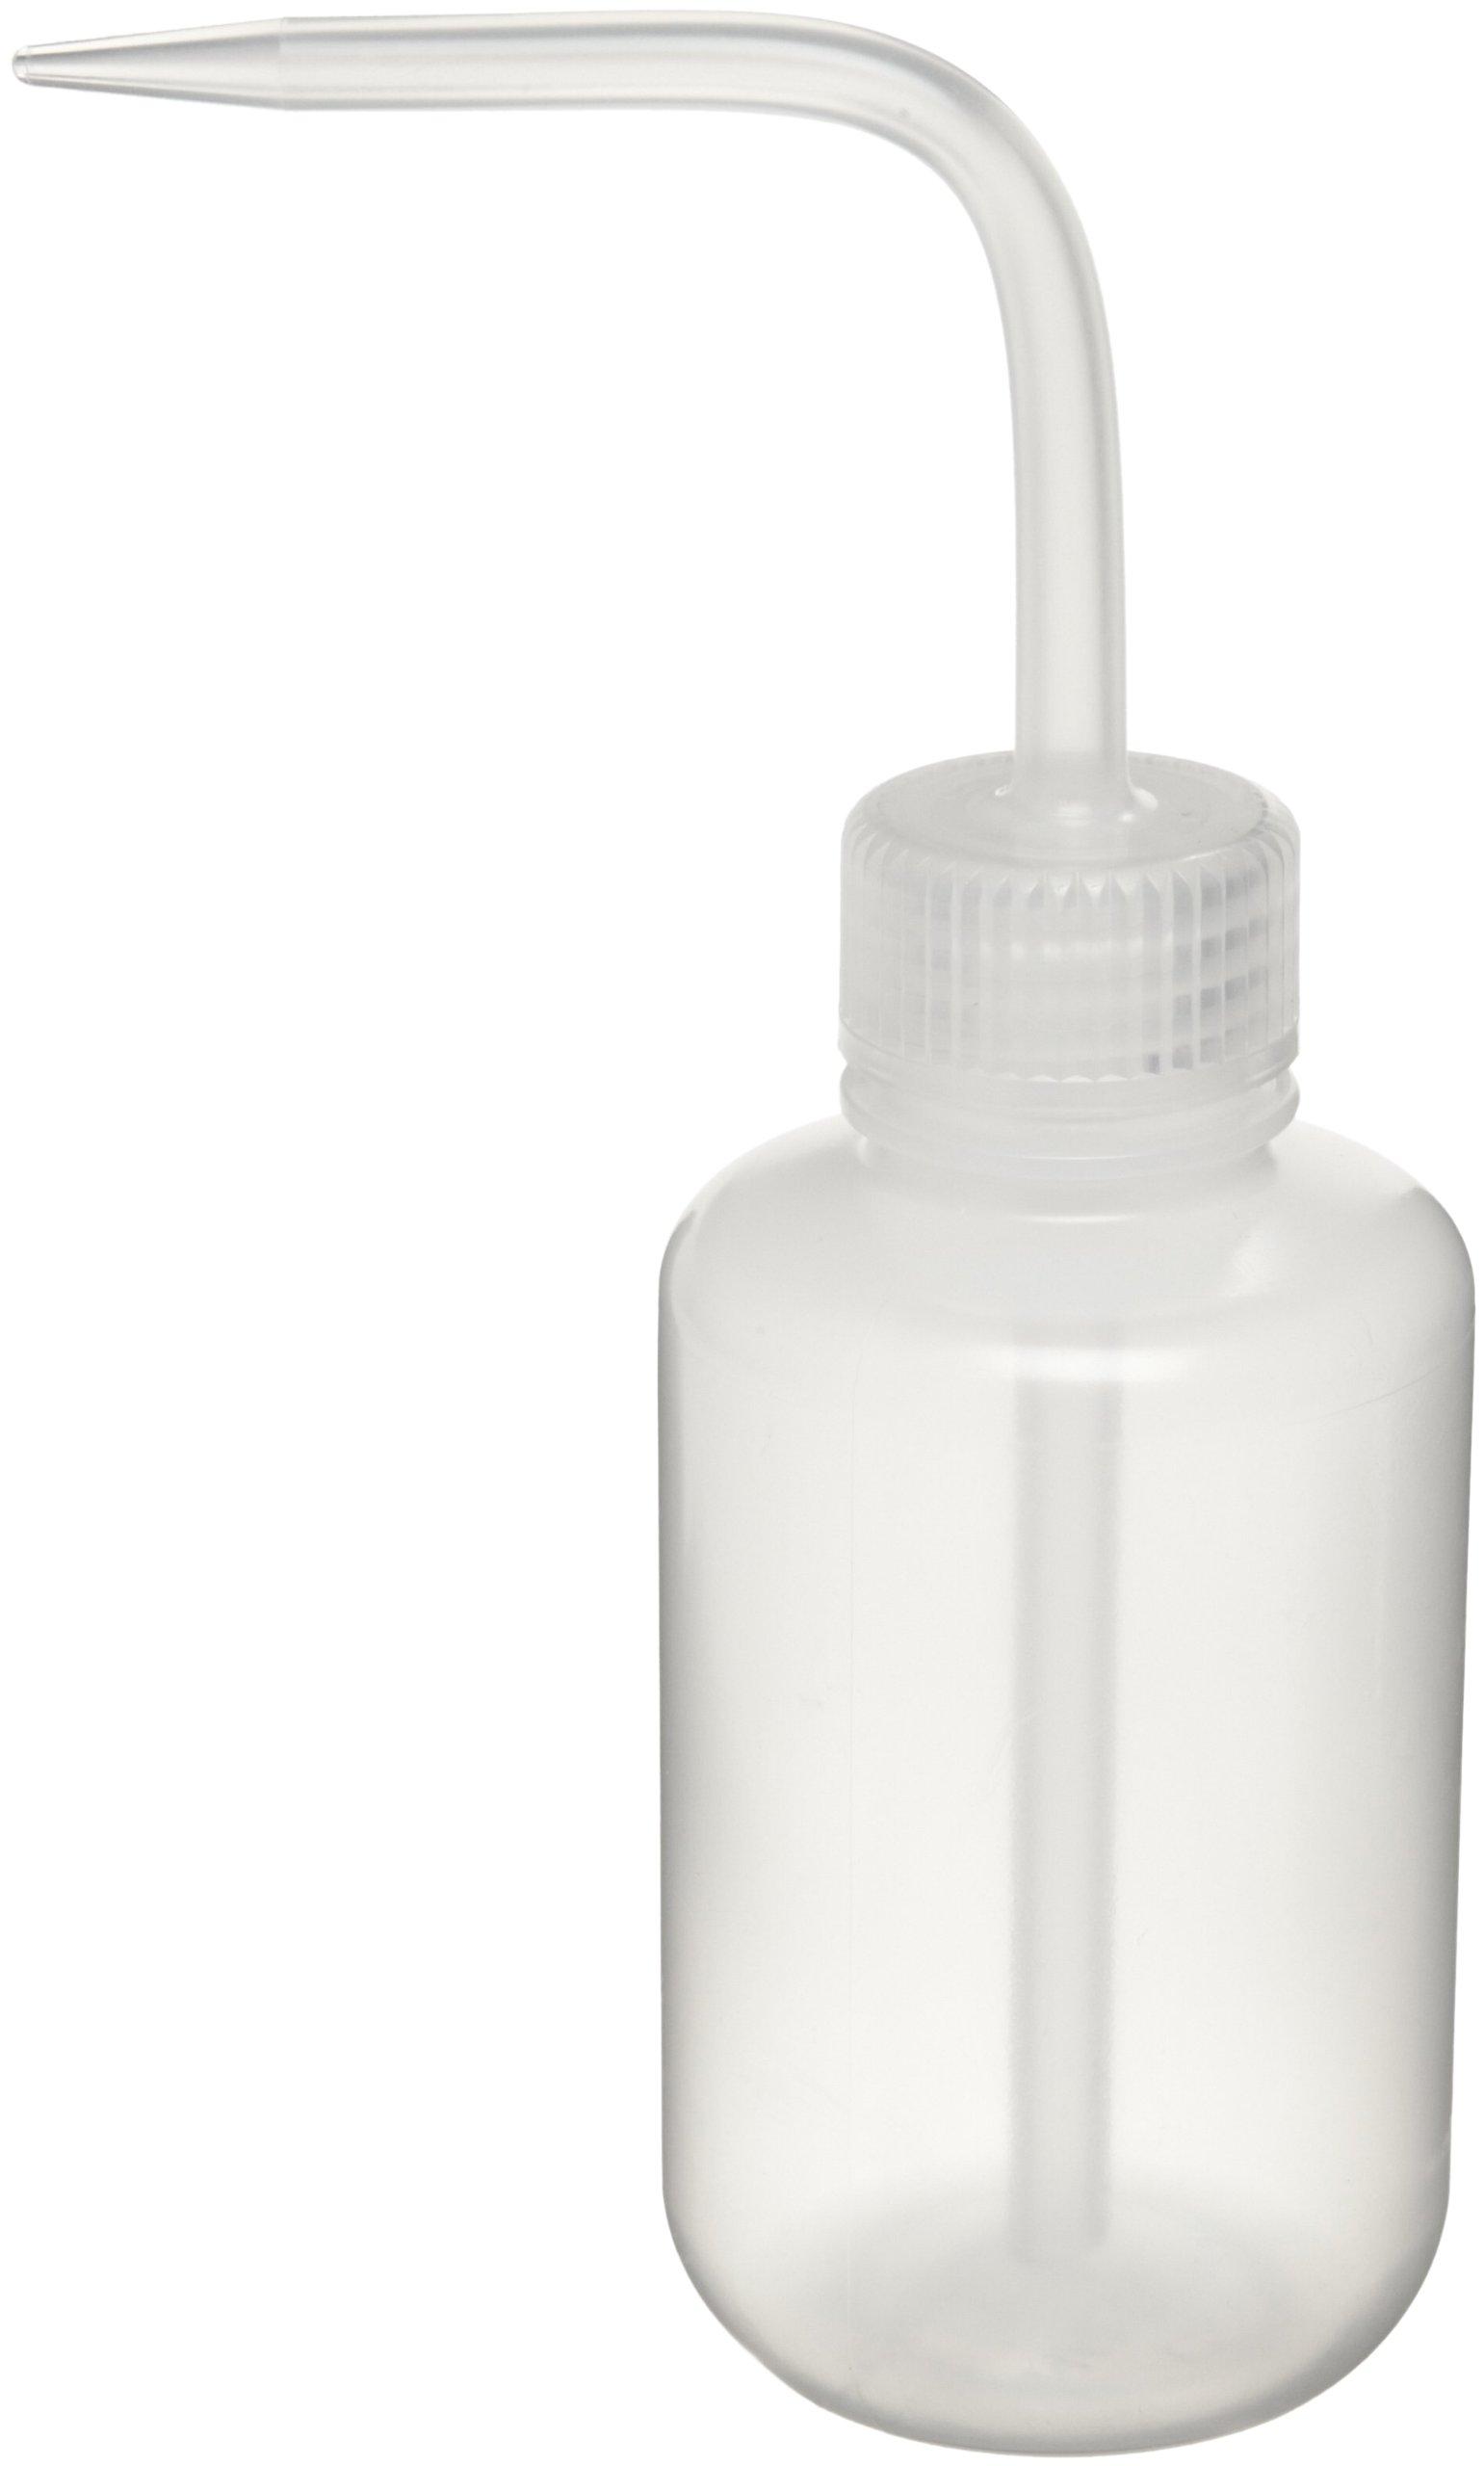 Nalgene 2401-0125 Economy Wash Bottle, LDPE, 125mL (Pack of 6)